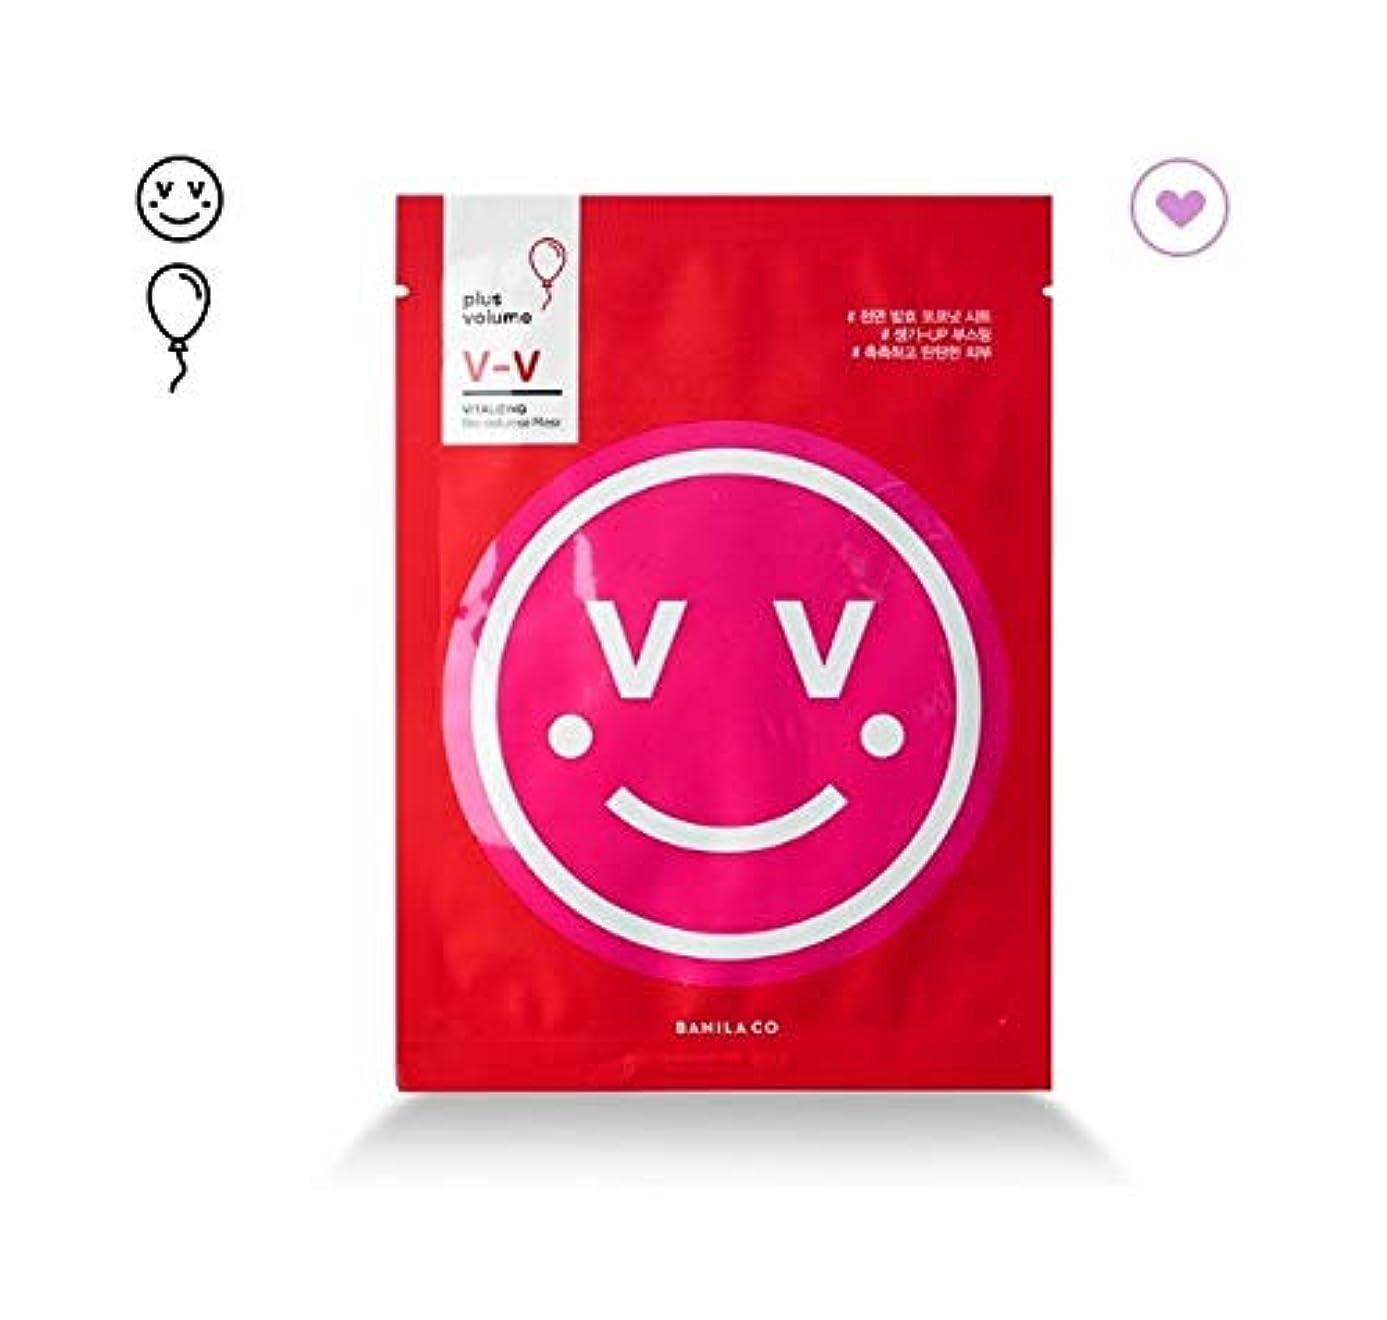 光沢のある受け入れたファンbanilaco V-V Vitalizing Bioセルロースマスク/V-V Vitalizing Bio Cellulose Mask 25ml [並行輸入品]